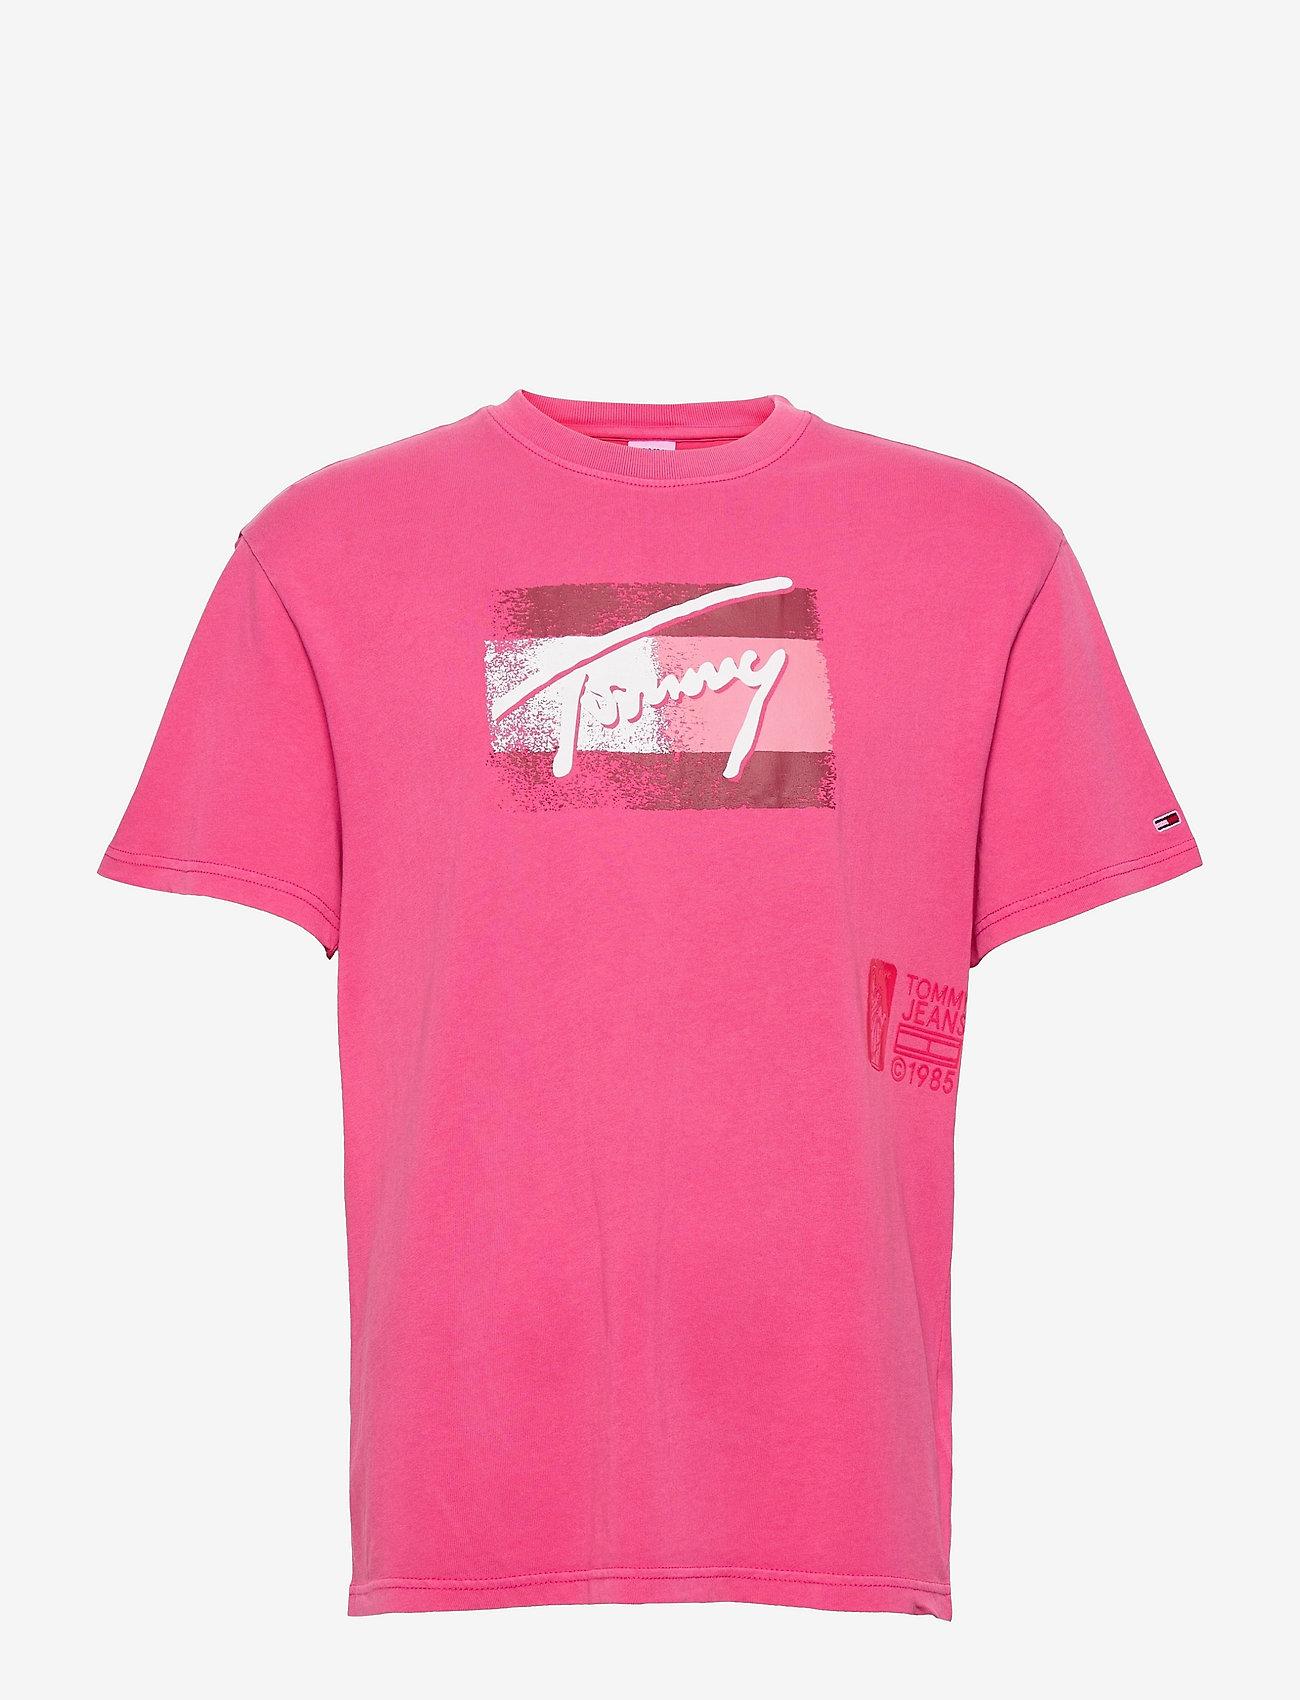 Tommy Jeans - TJM FADED FLAG SCRIPT TEE - kortärmade t-shirts - bright cerise pink - 0